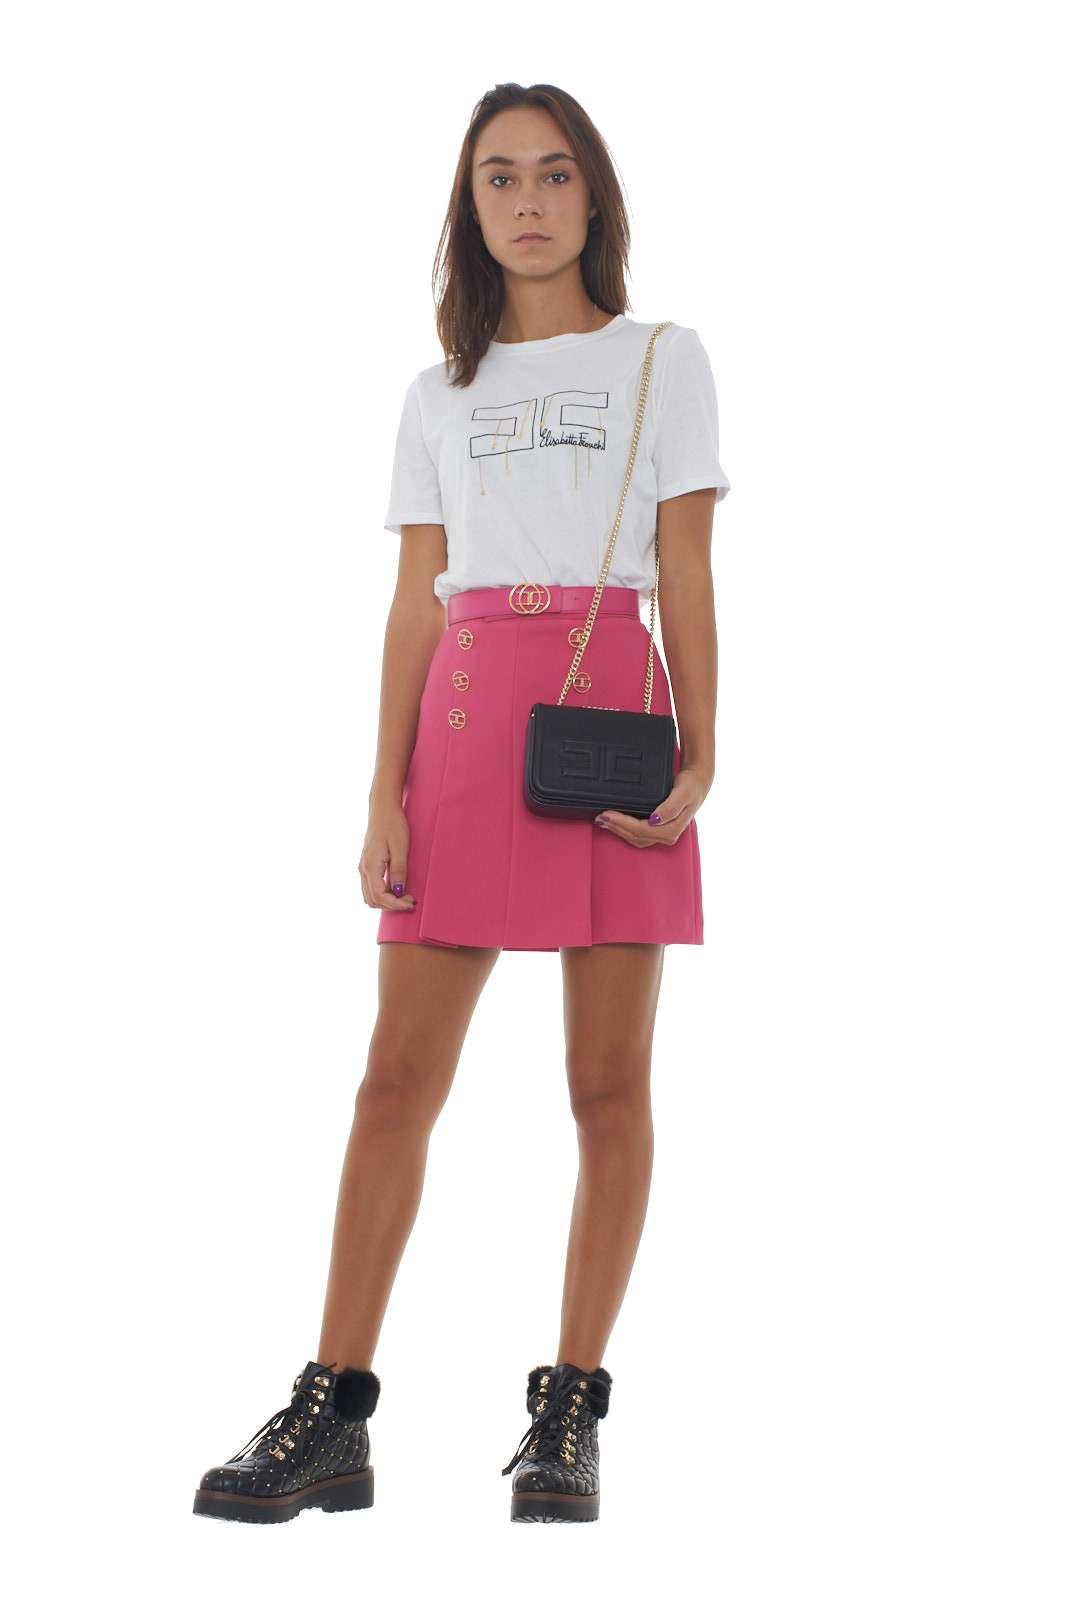 https://www.parmax.com/media/catalog/product/a/i/AI-outlet_parmax-t-shirt-donna-Elisabetta-Franchi-MA13496E2-D_1.jpg